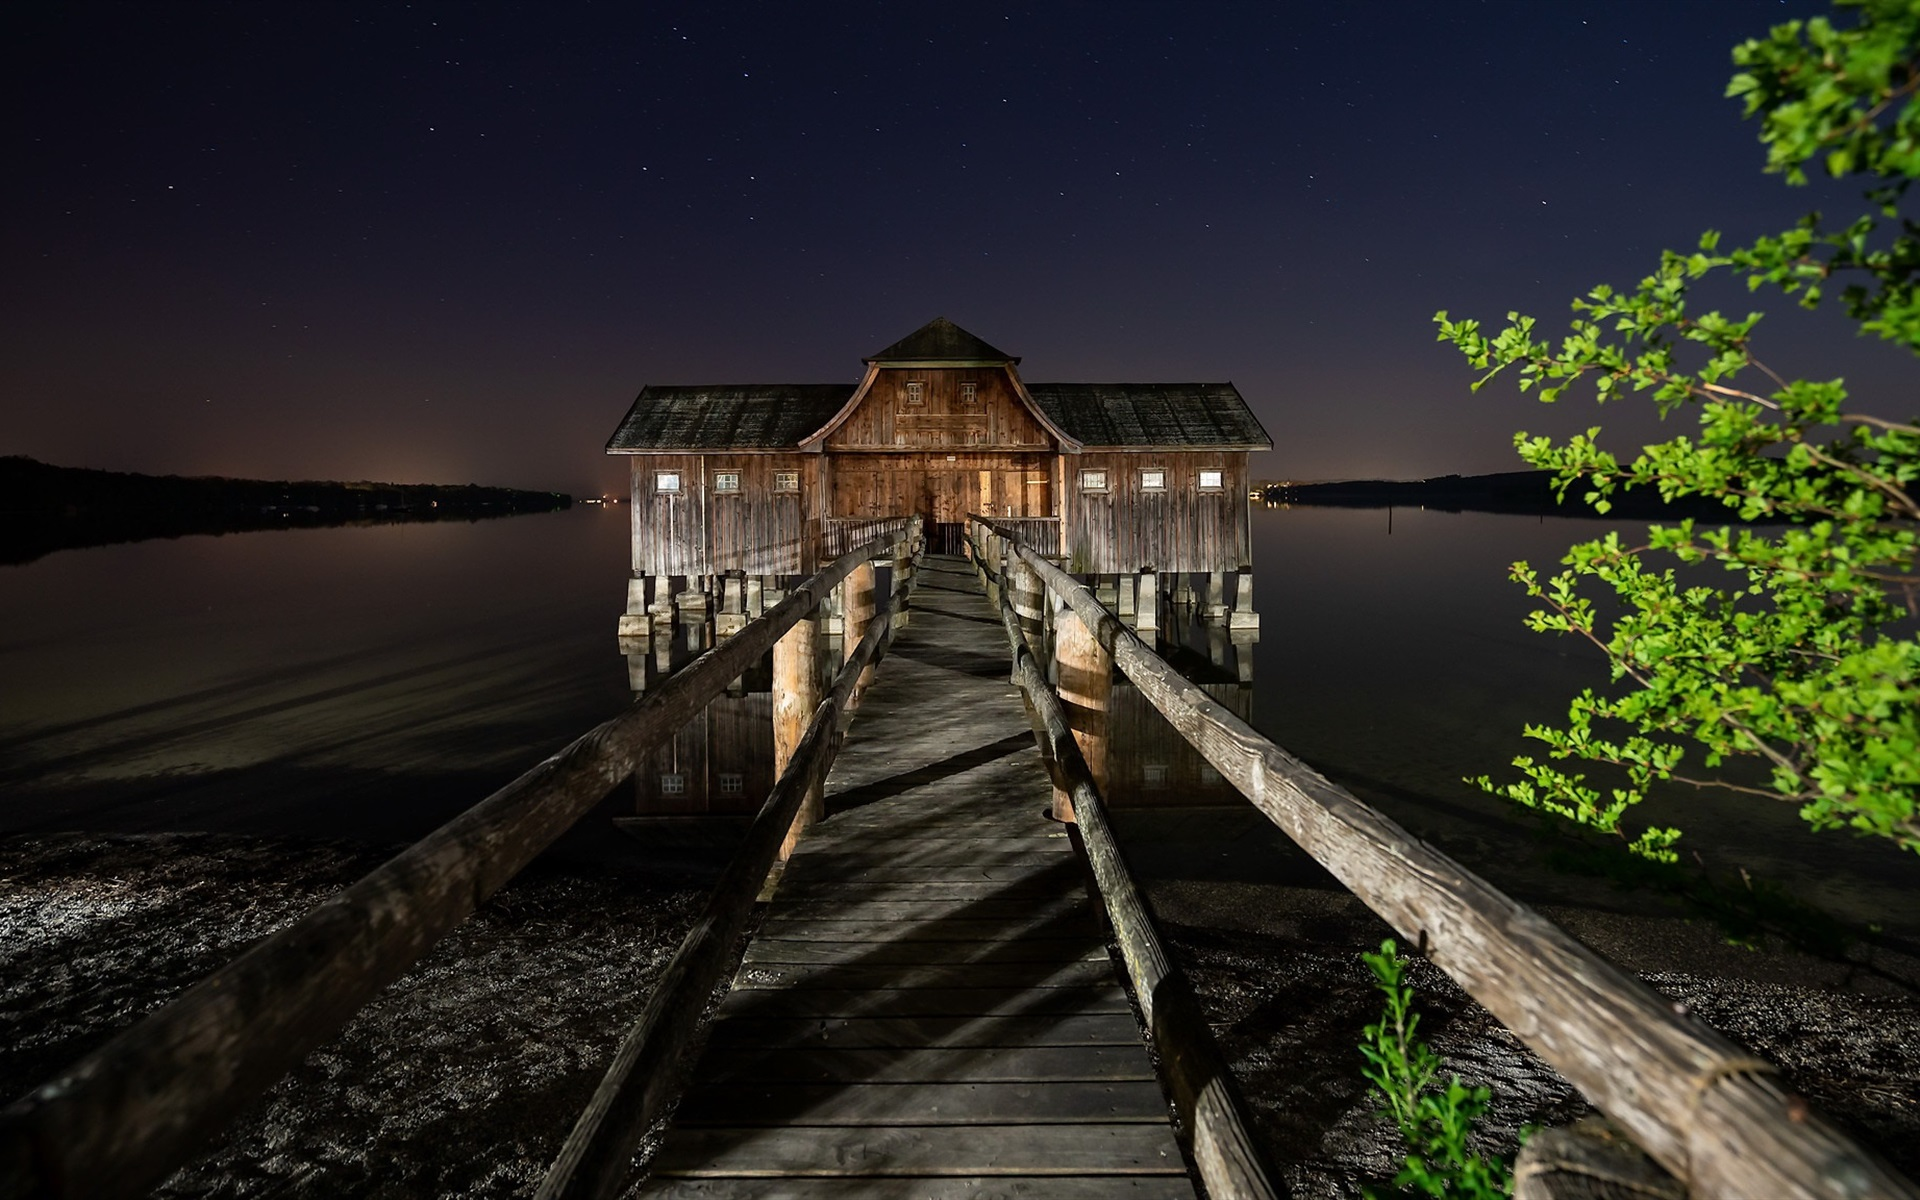 подробности можно картинки с деревянным домиком на обои словам